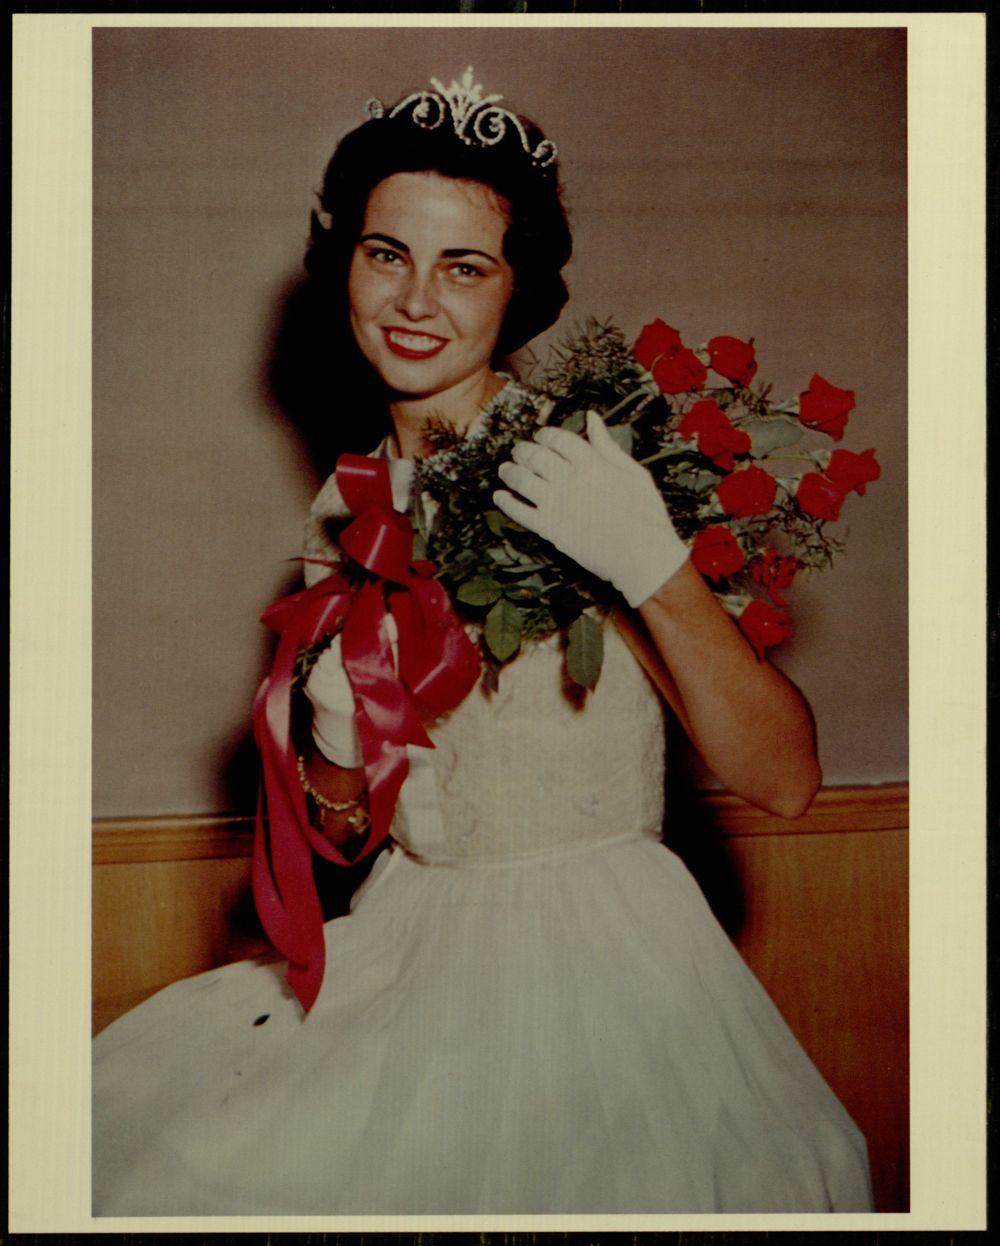 Homecoming queen, 1960